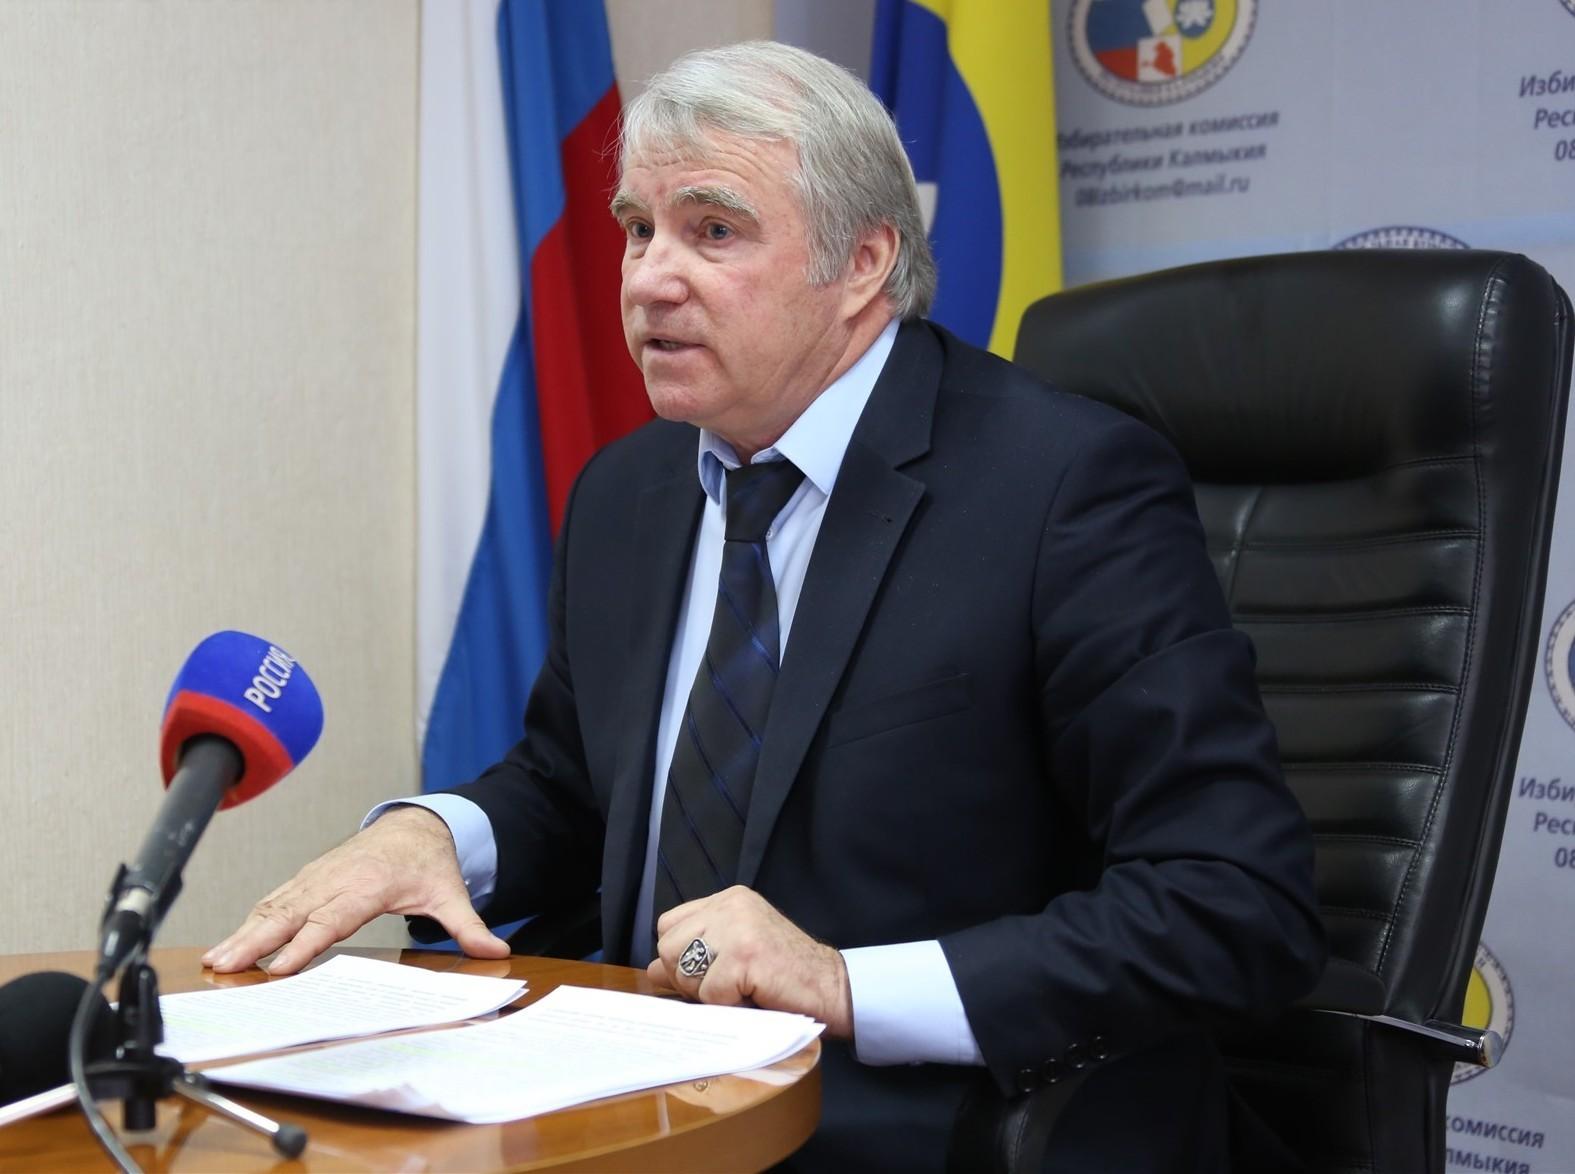 Выборы в Калмыкии признаны действительными и состоявшимися